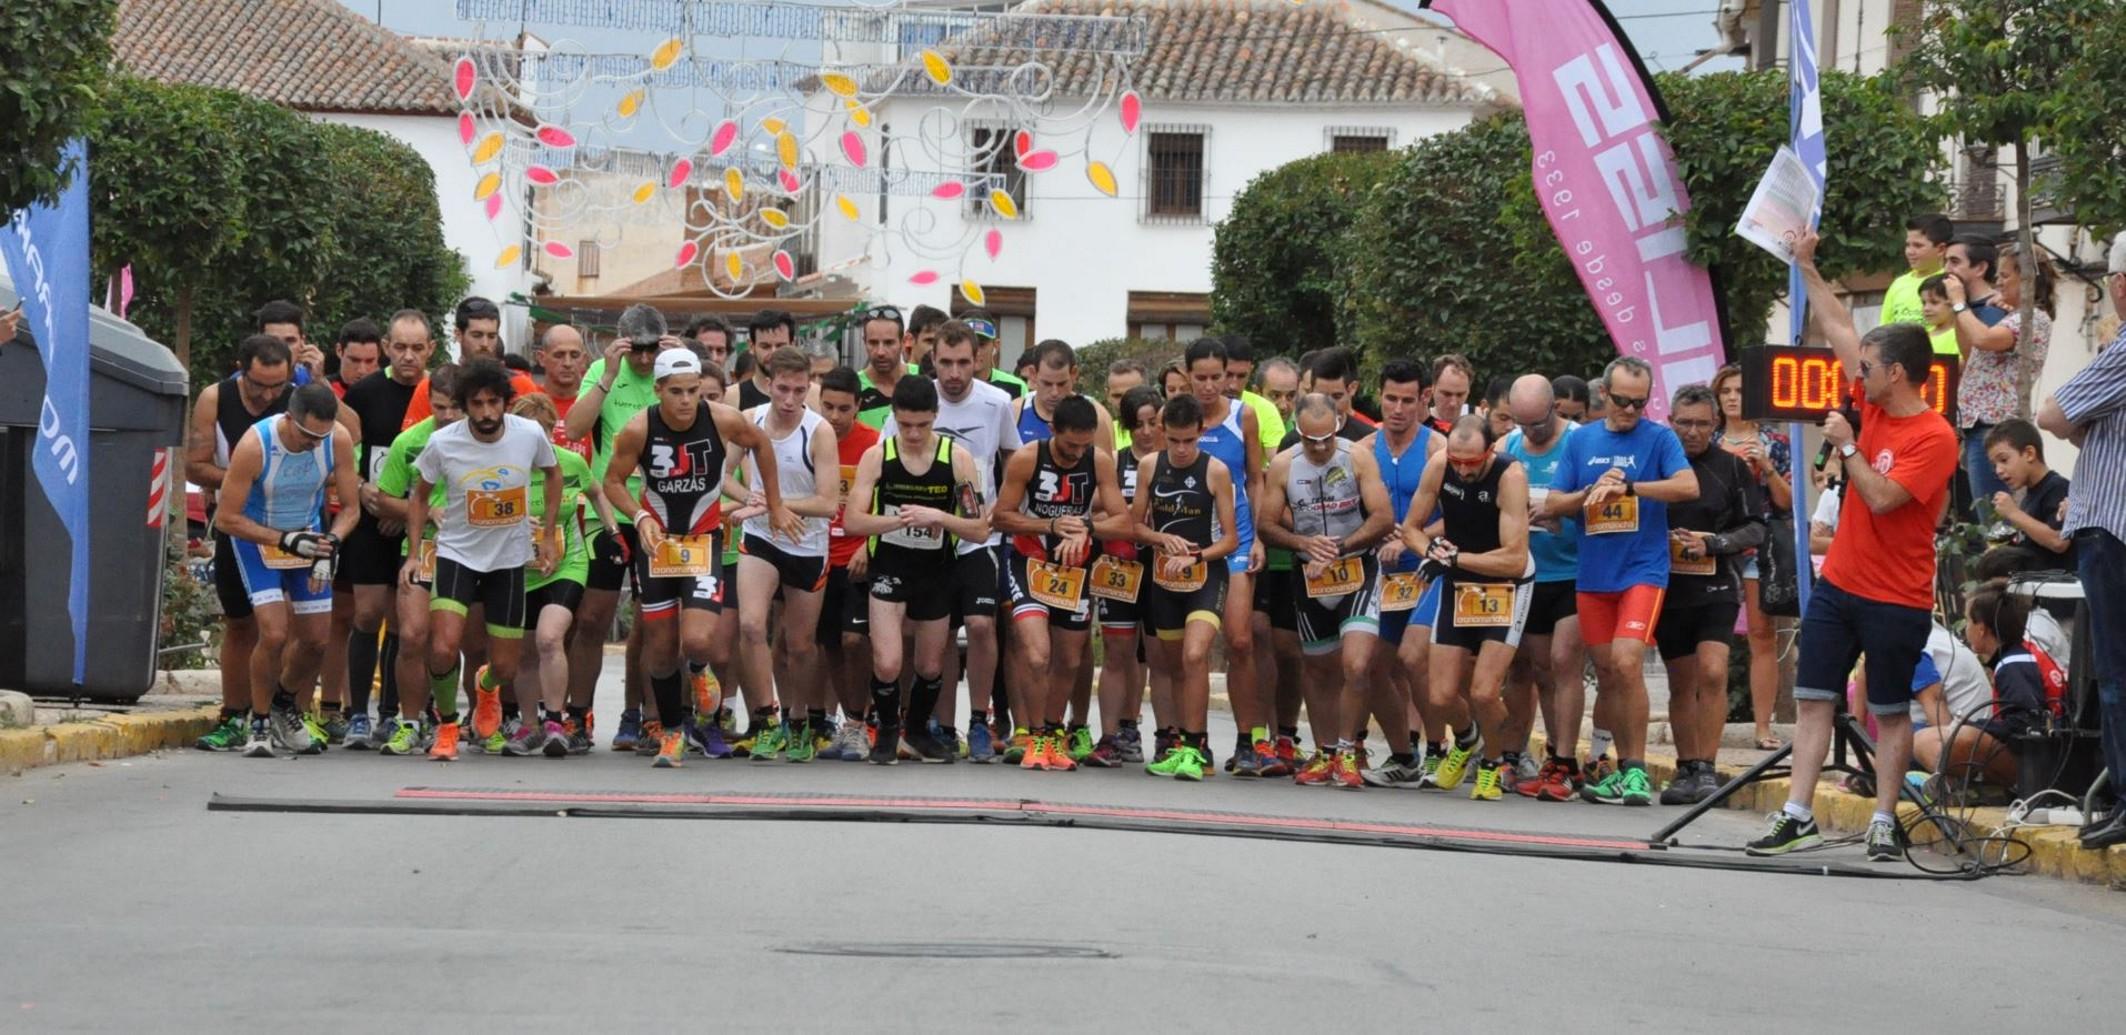 Celebrado con éxito el I Duatlón del Pimiento en Villanueva de los Infantes